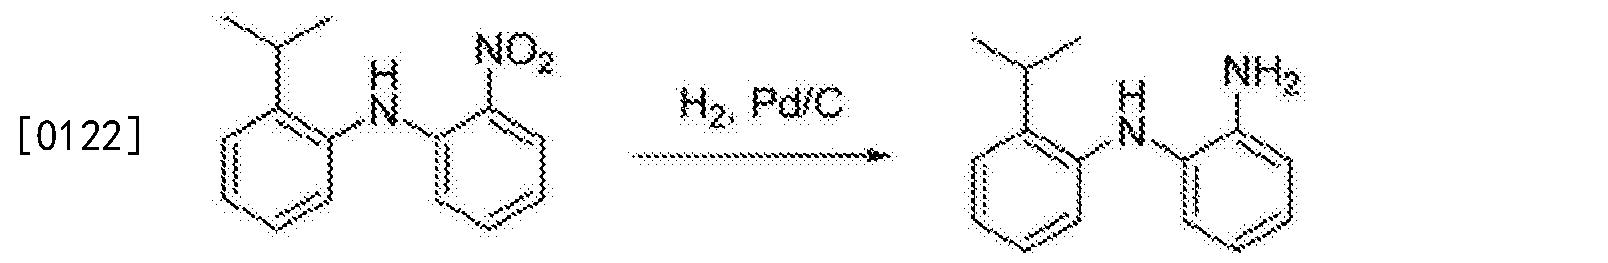 Figure CN103396455BD00483